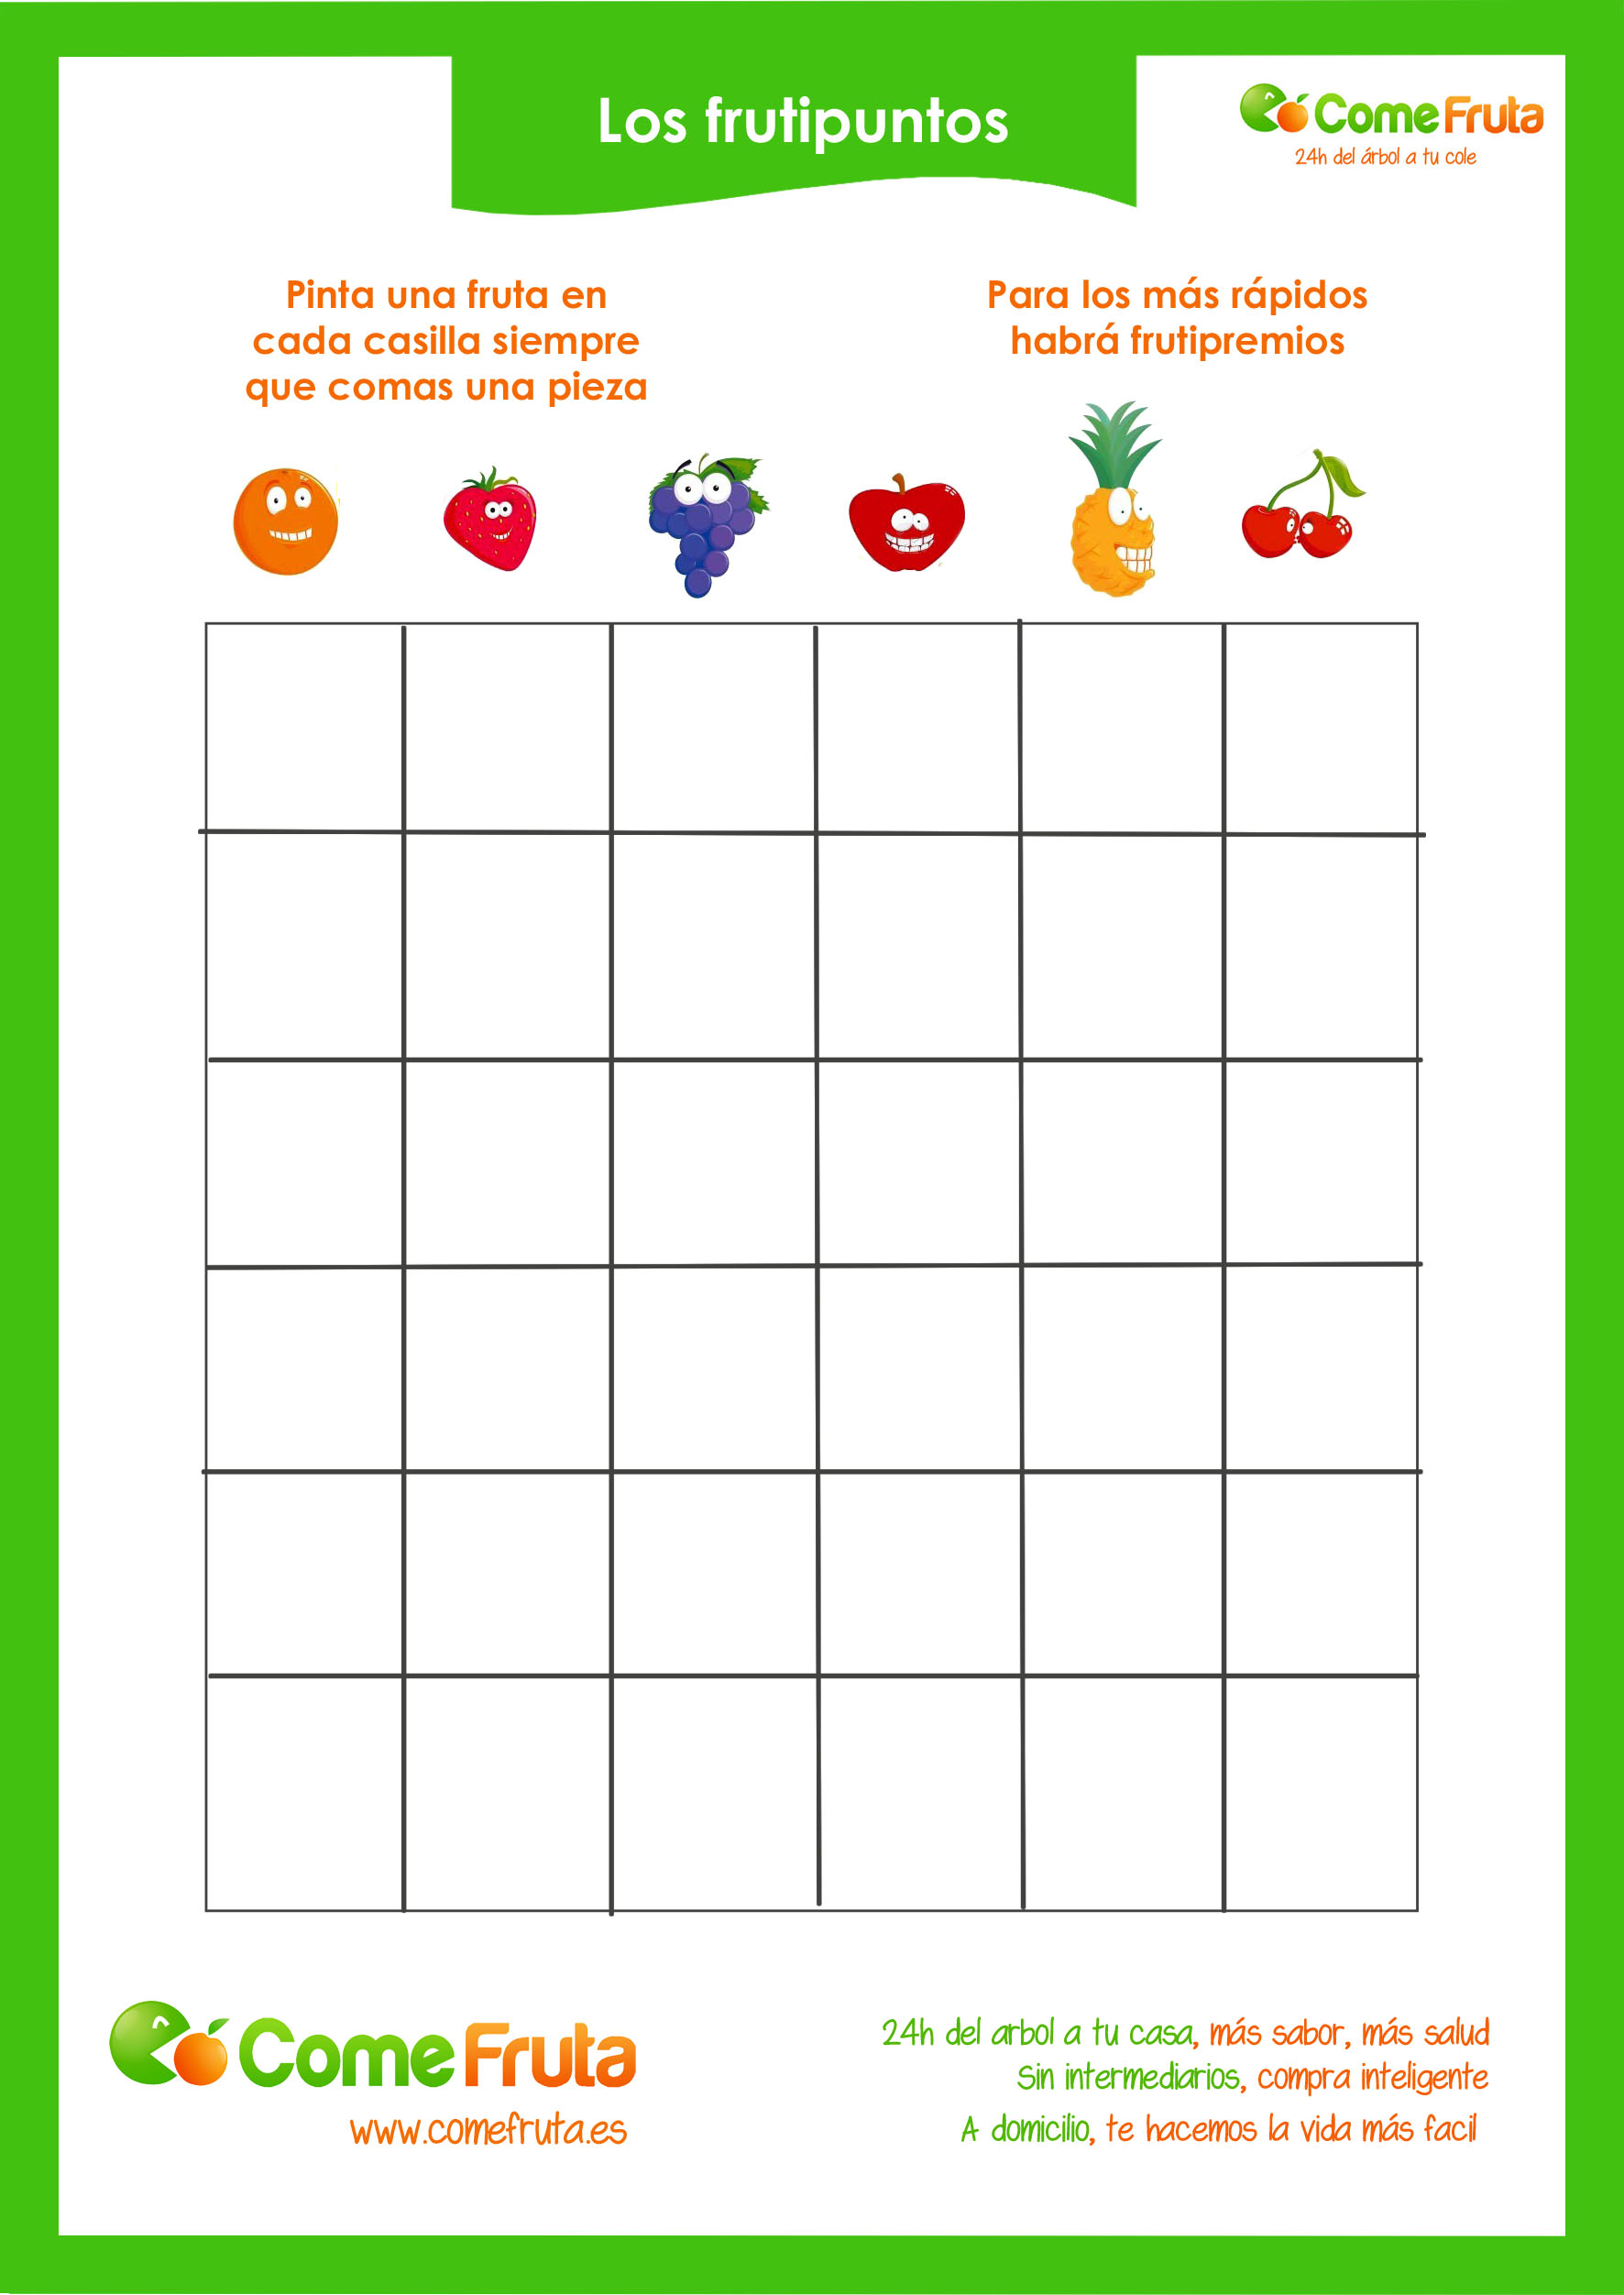 juego para que los nios coman fruta los frutipuntos descargarte nuestra cartilla de frutipuntos